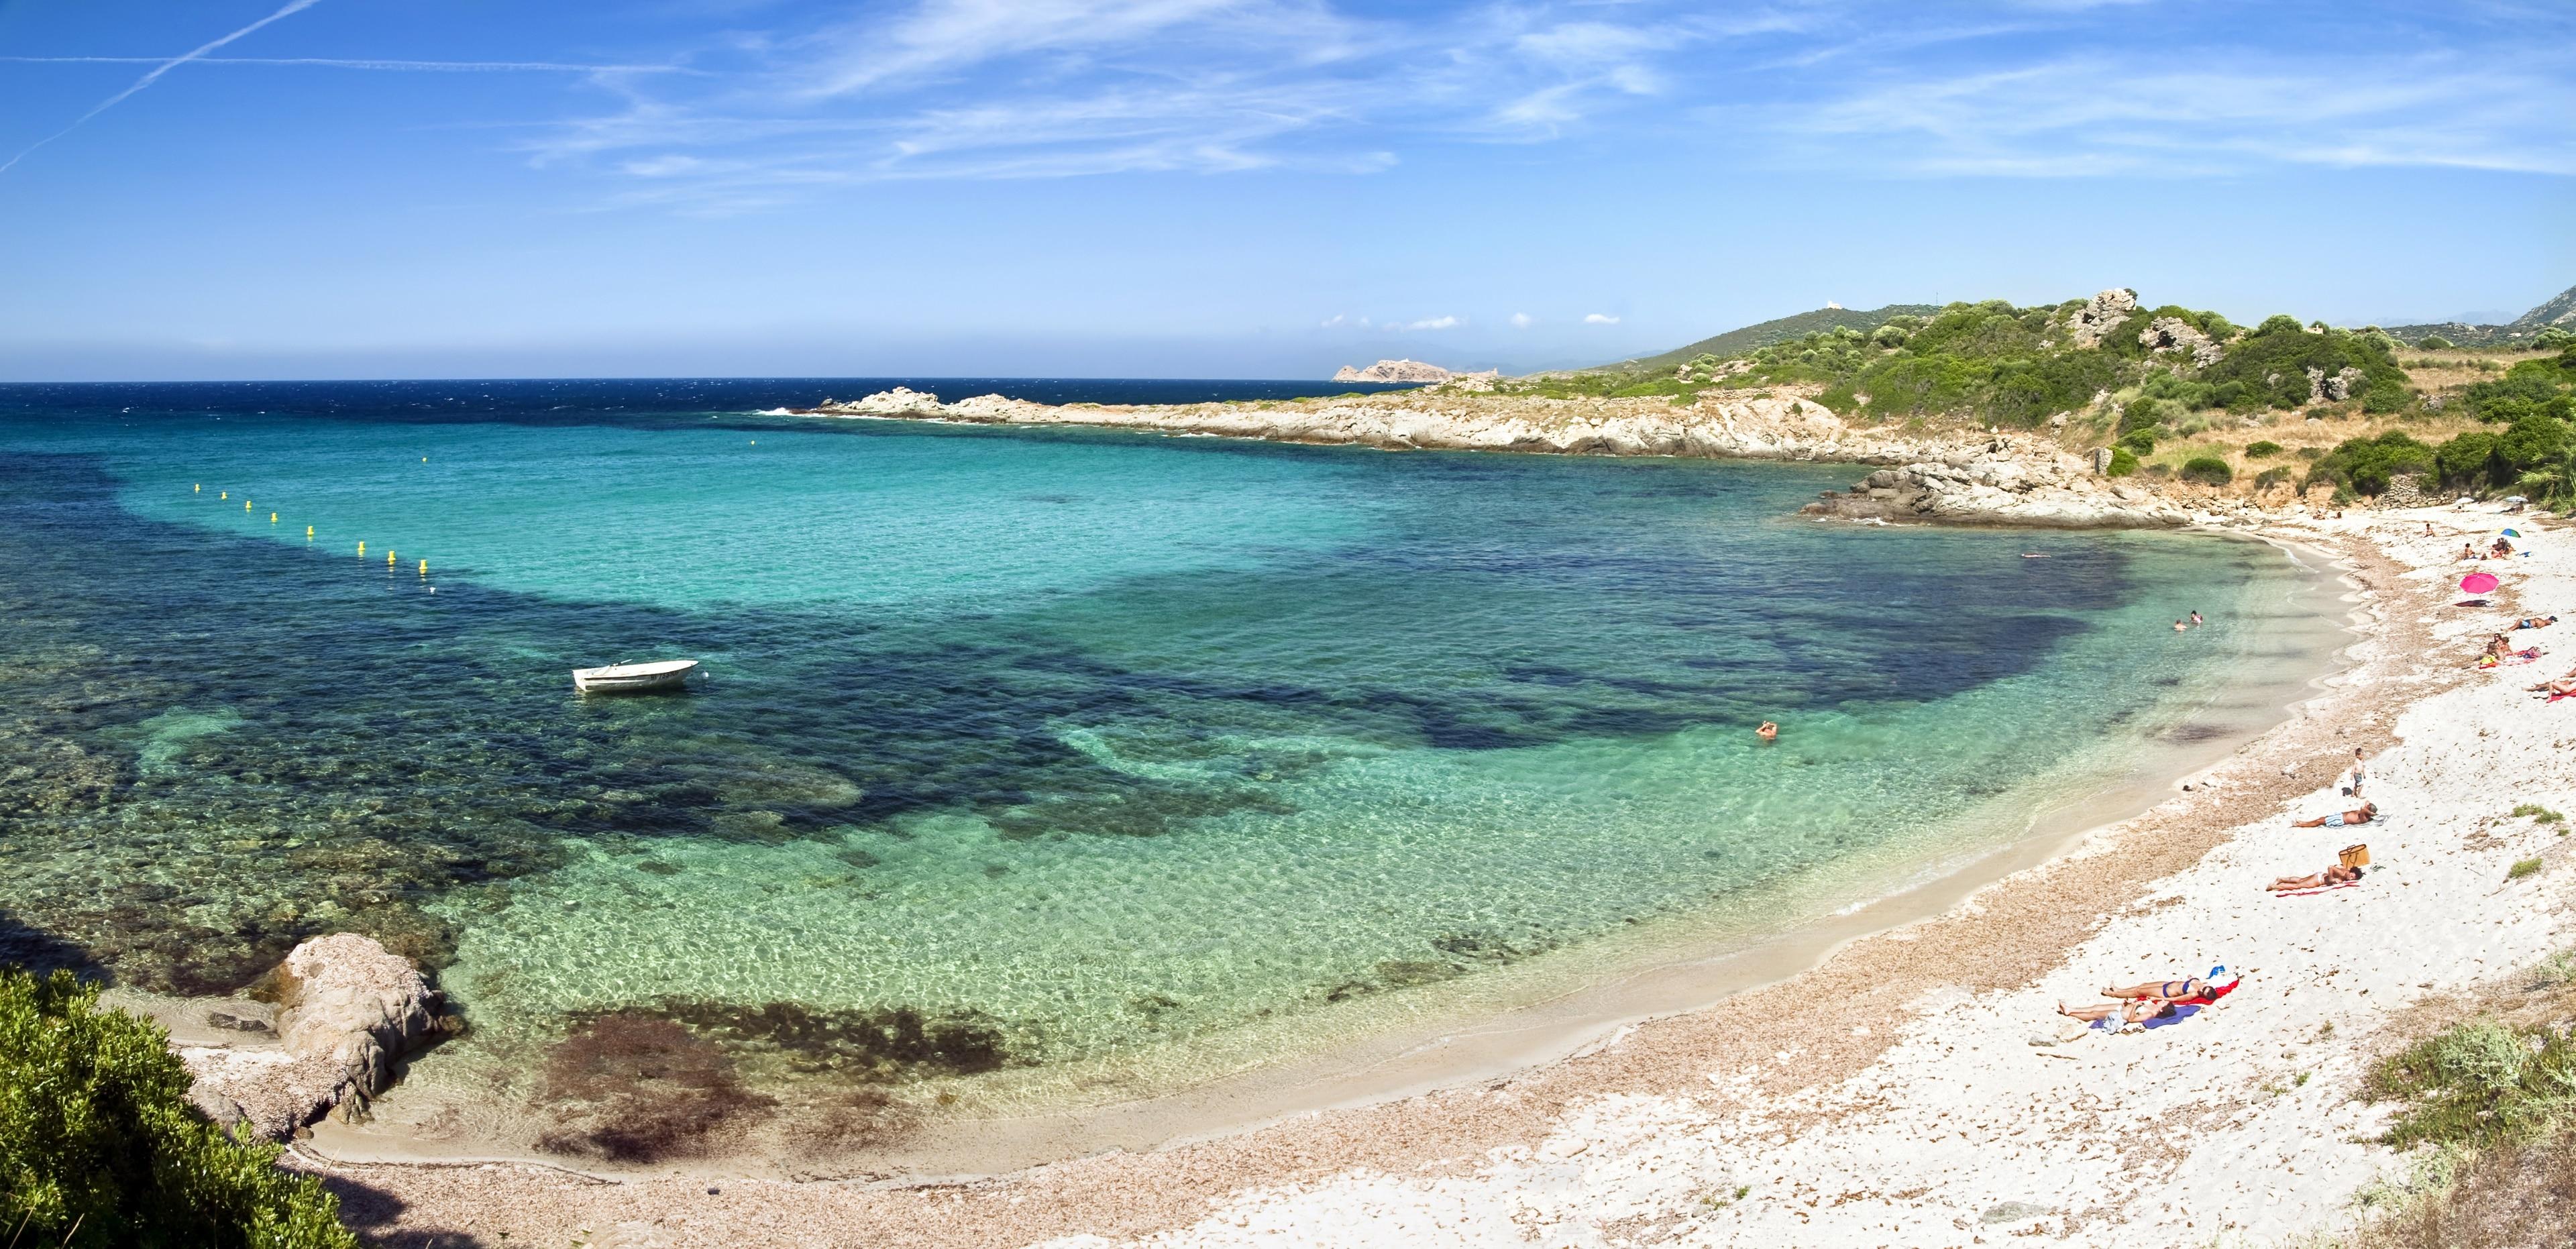 Corbara, Haute-Corse, France